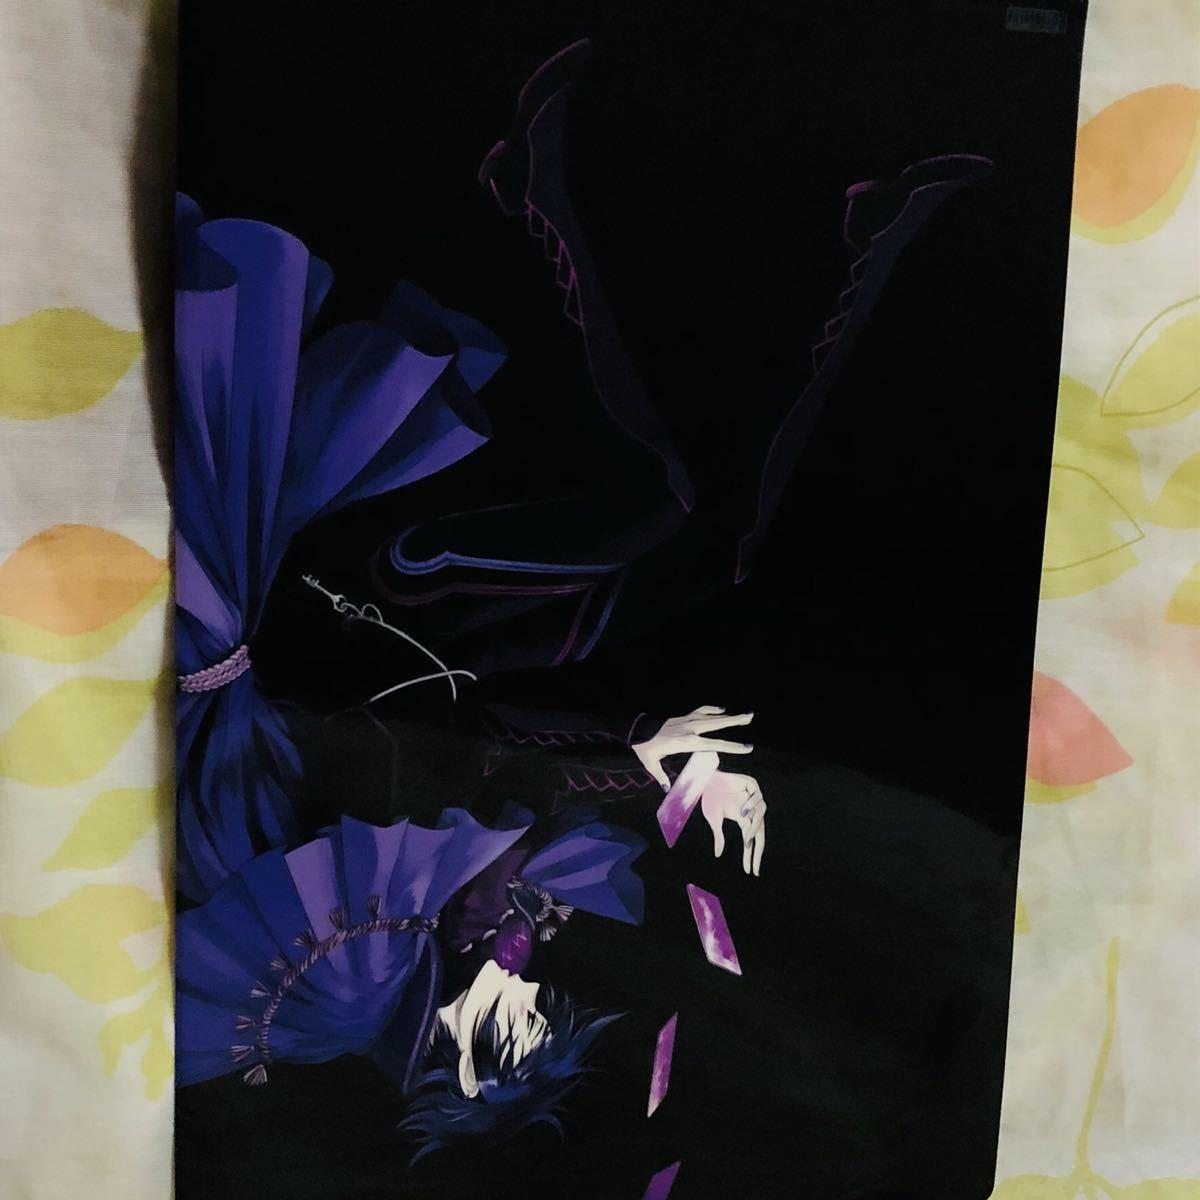 TAROT -ENIE- MAYA TAKAMURA クリアファイル 2枚セット ENIE 女教皇&月 タロット 高村真耶 コトブキヤ_画像5